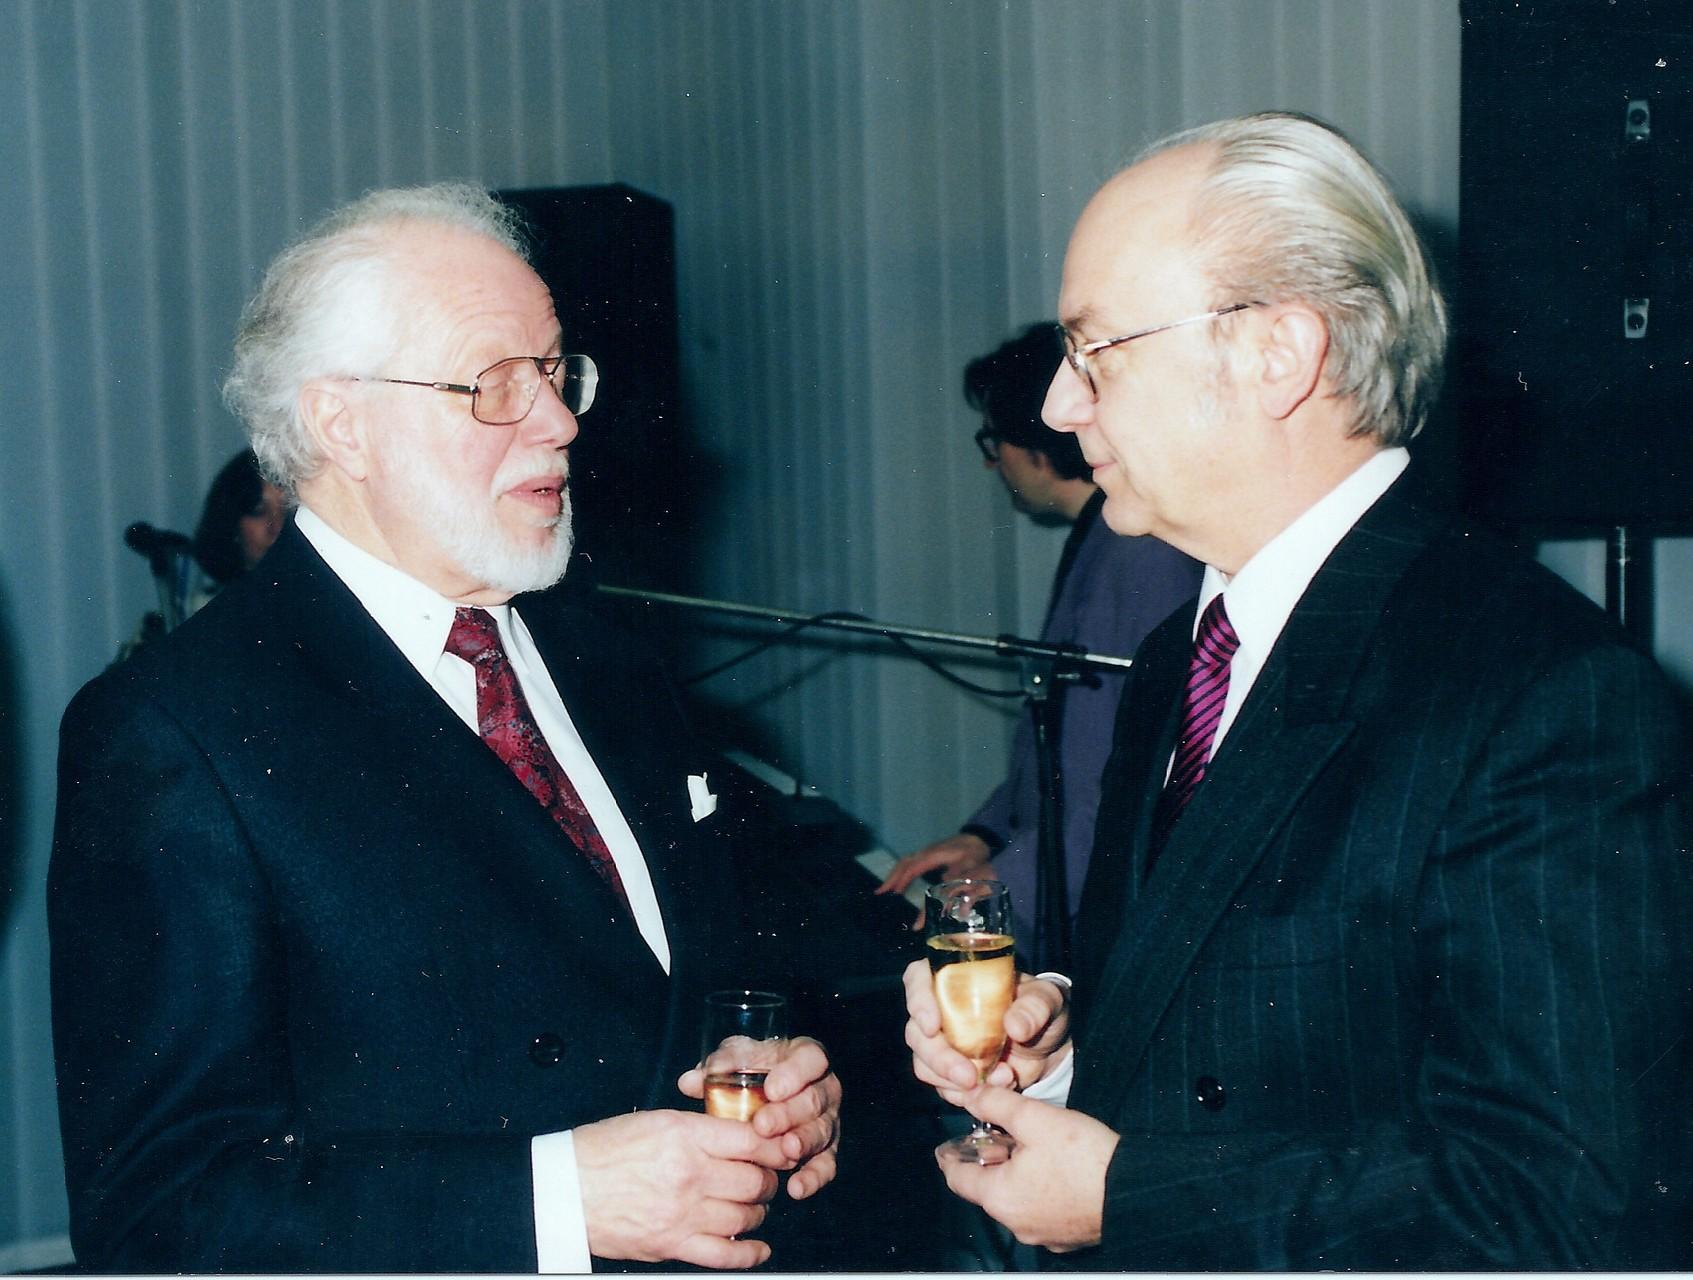 Mit Fritz Zapletal, langjähriger Vorsitzender des Fördervereins der SFOF Berlin, an seinem 70. Geburtstag - Berlin 1992